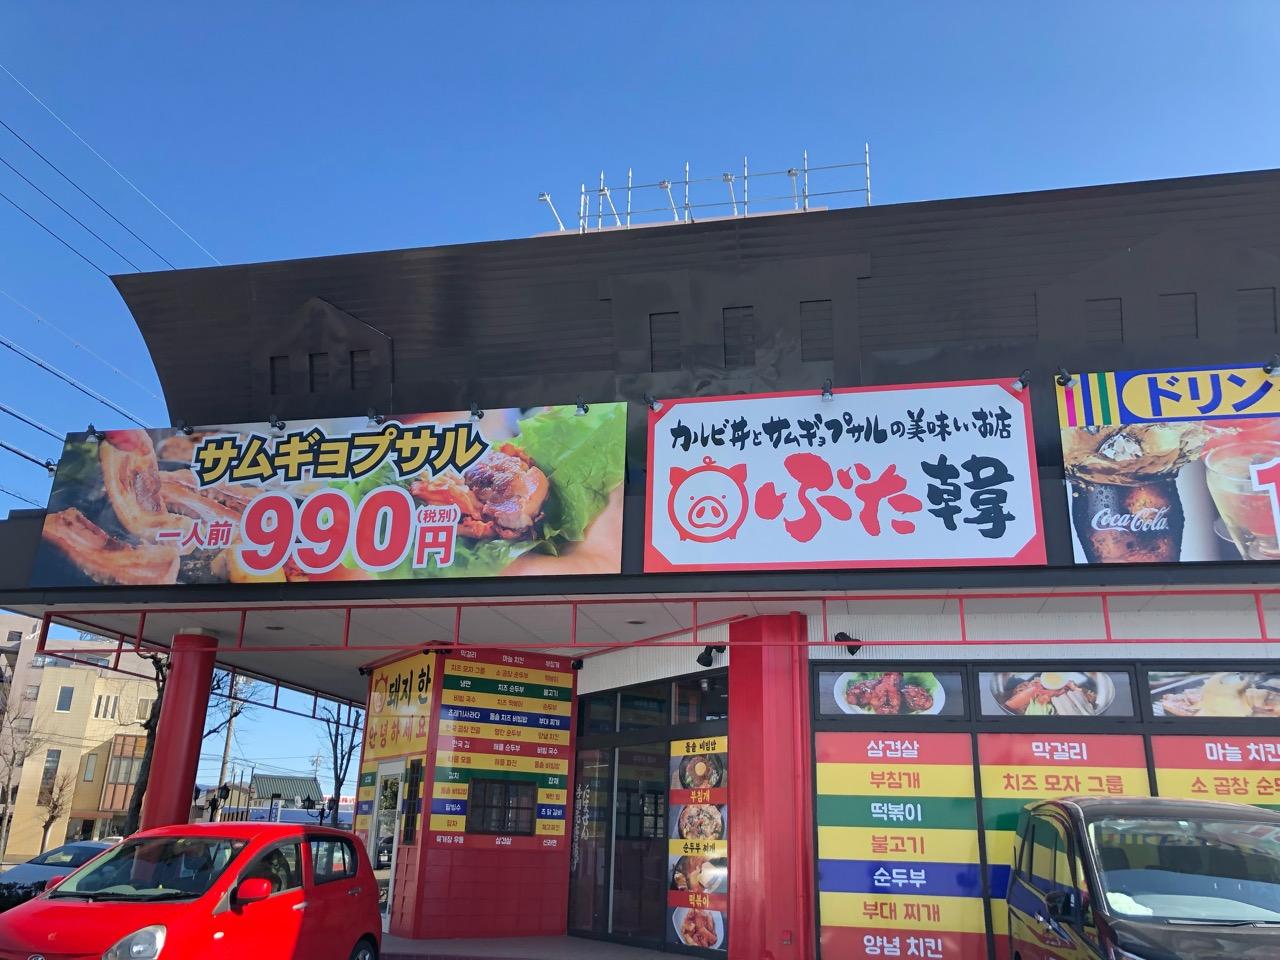 ぶた韓豊田インター店